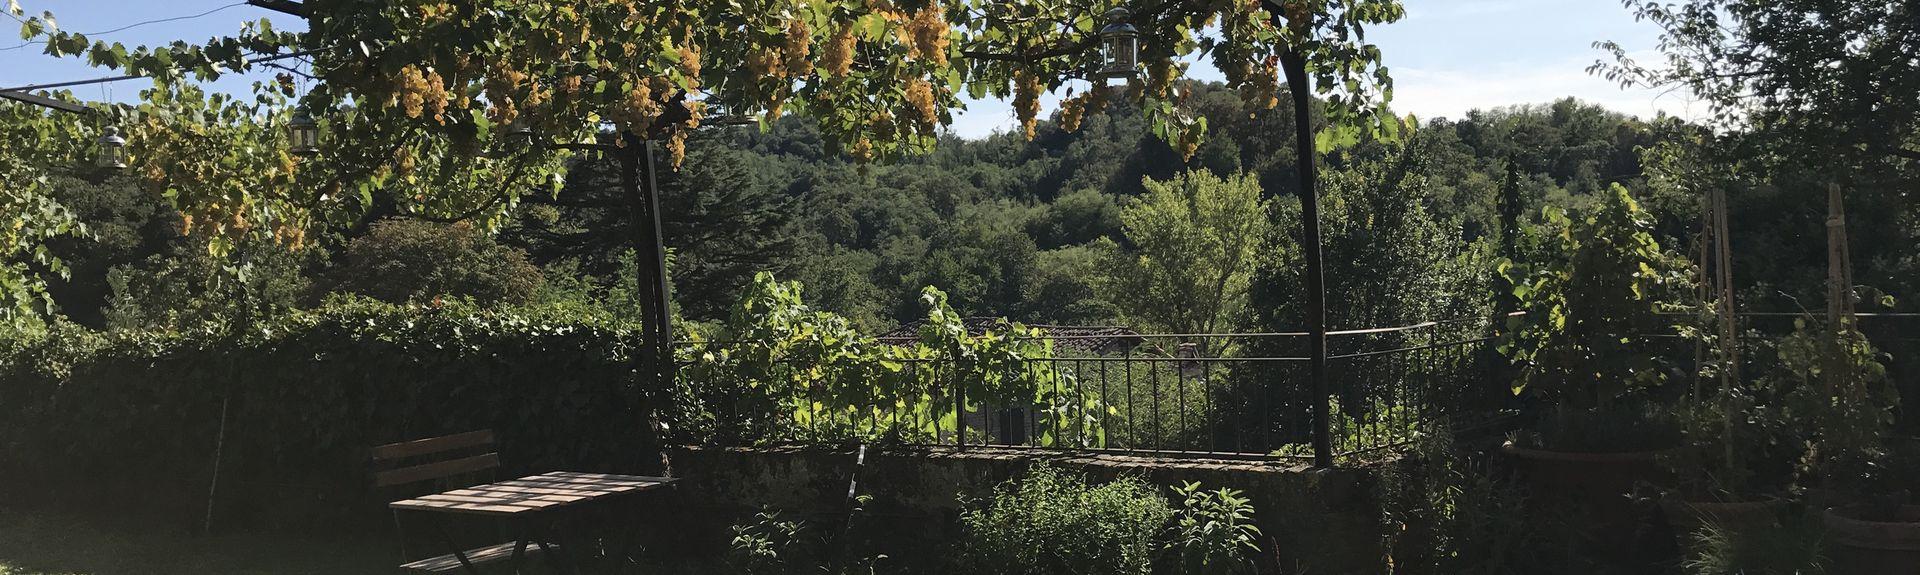 Alessandria, Piemonte, Italia